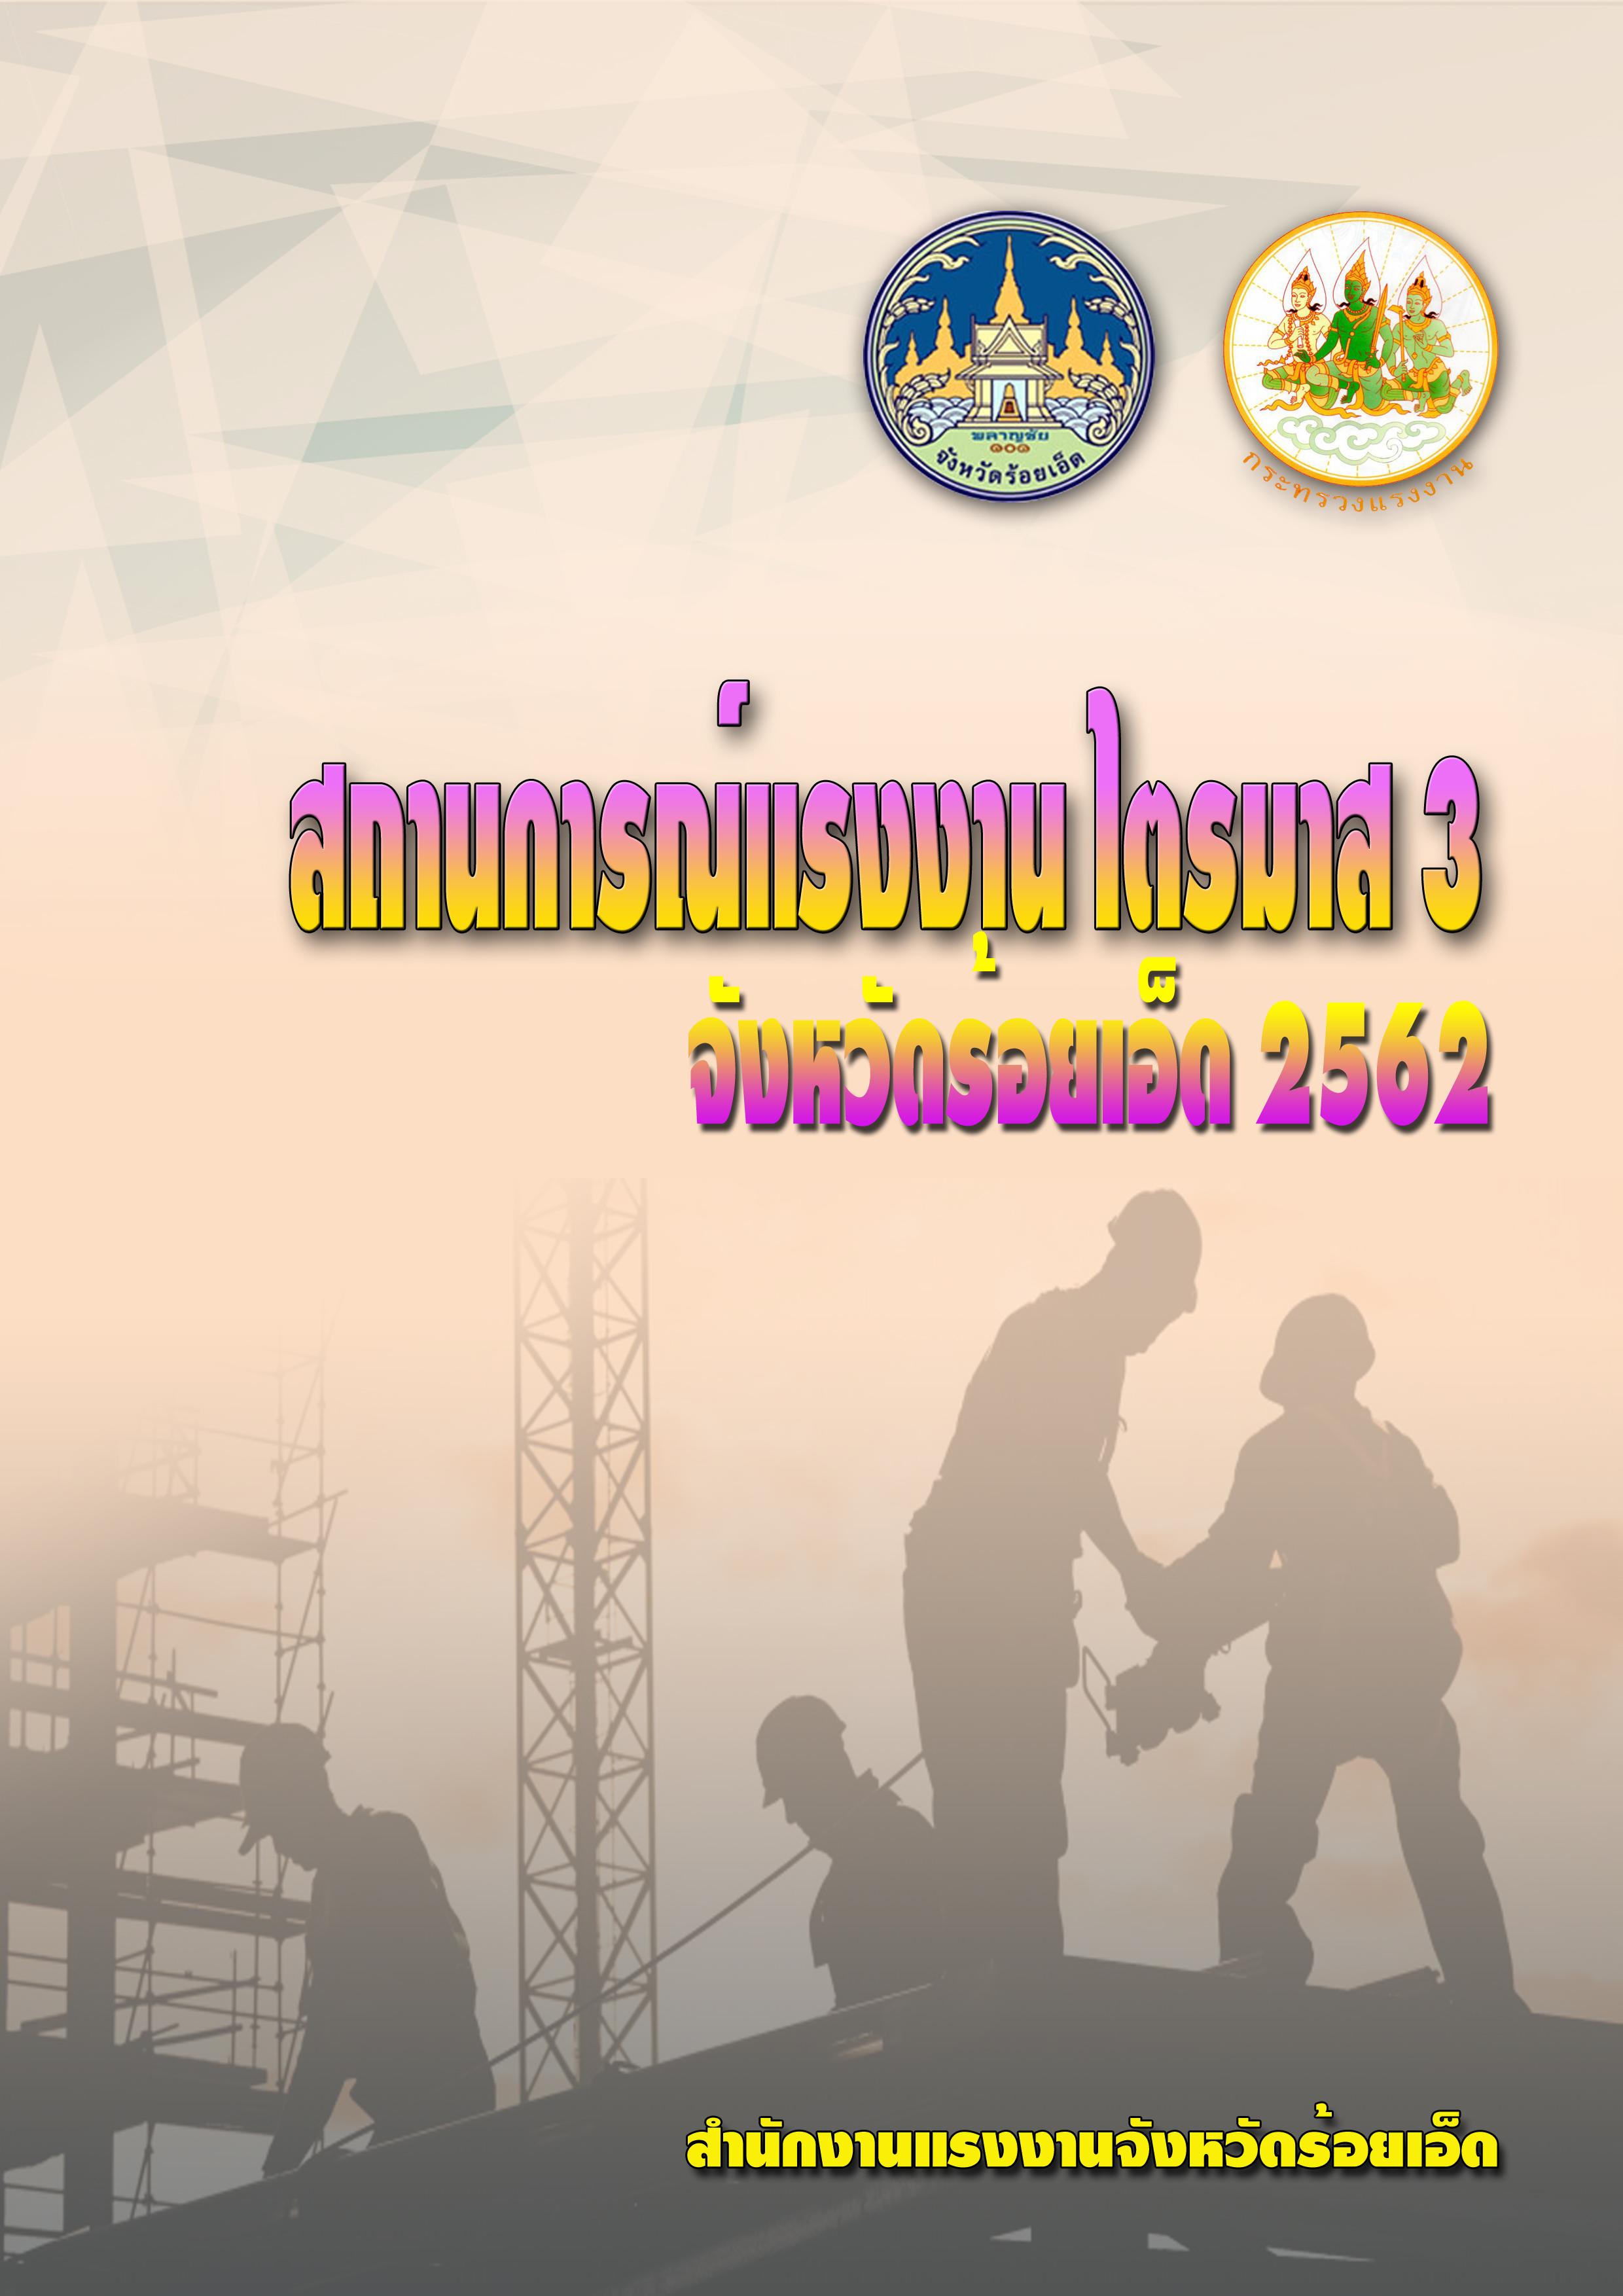 รายงานสถานการณ์แรงงานจังหวัดร้อยเอ็ด ไตรมาส 3 ปี 2562 (กรกฎาคม-กันยายน)